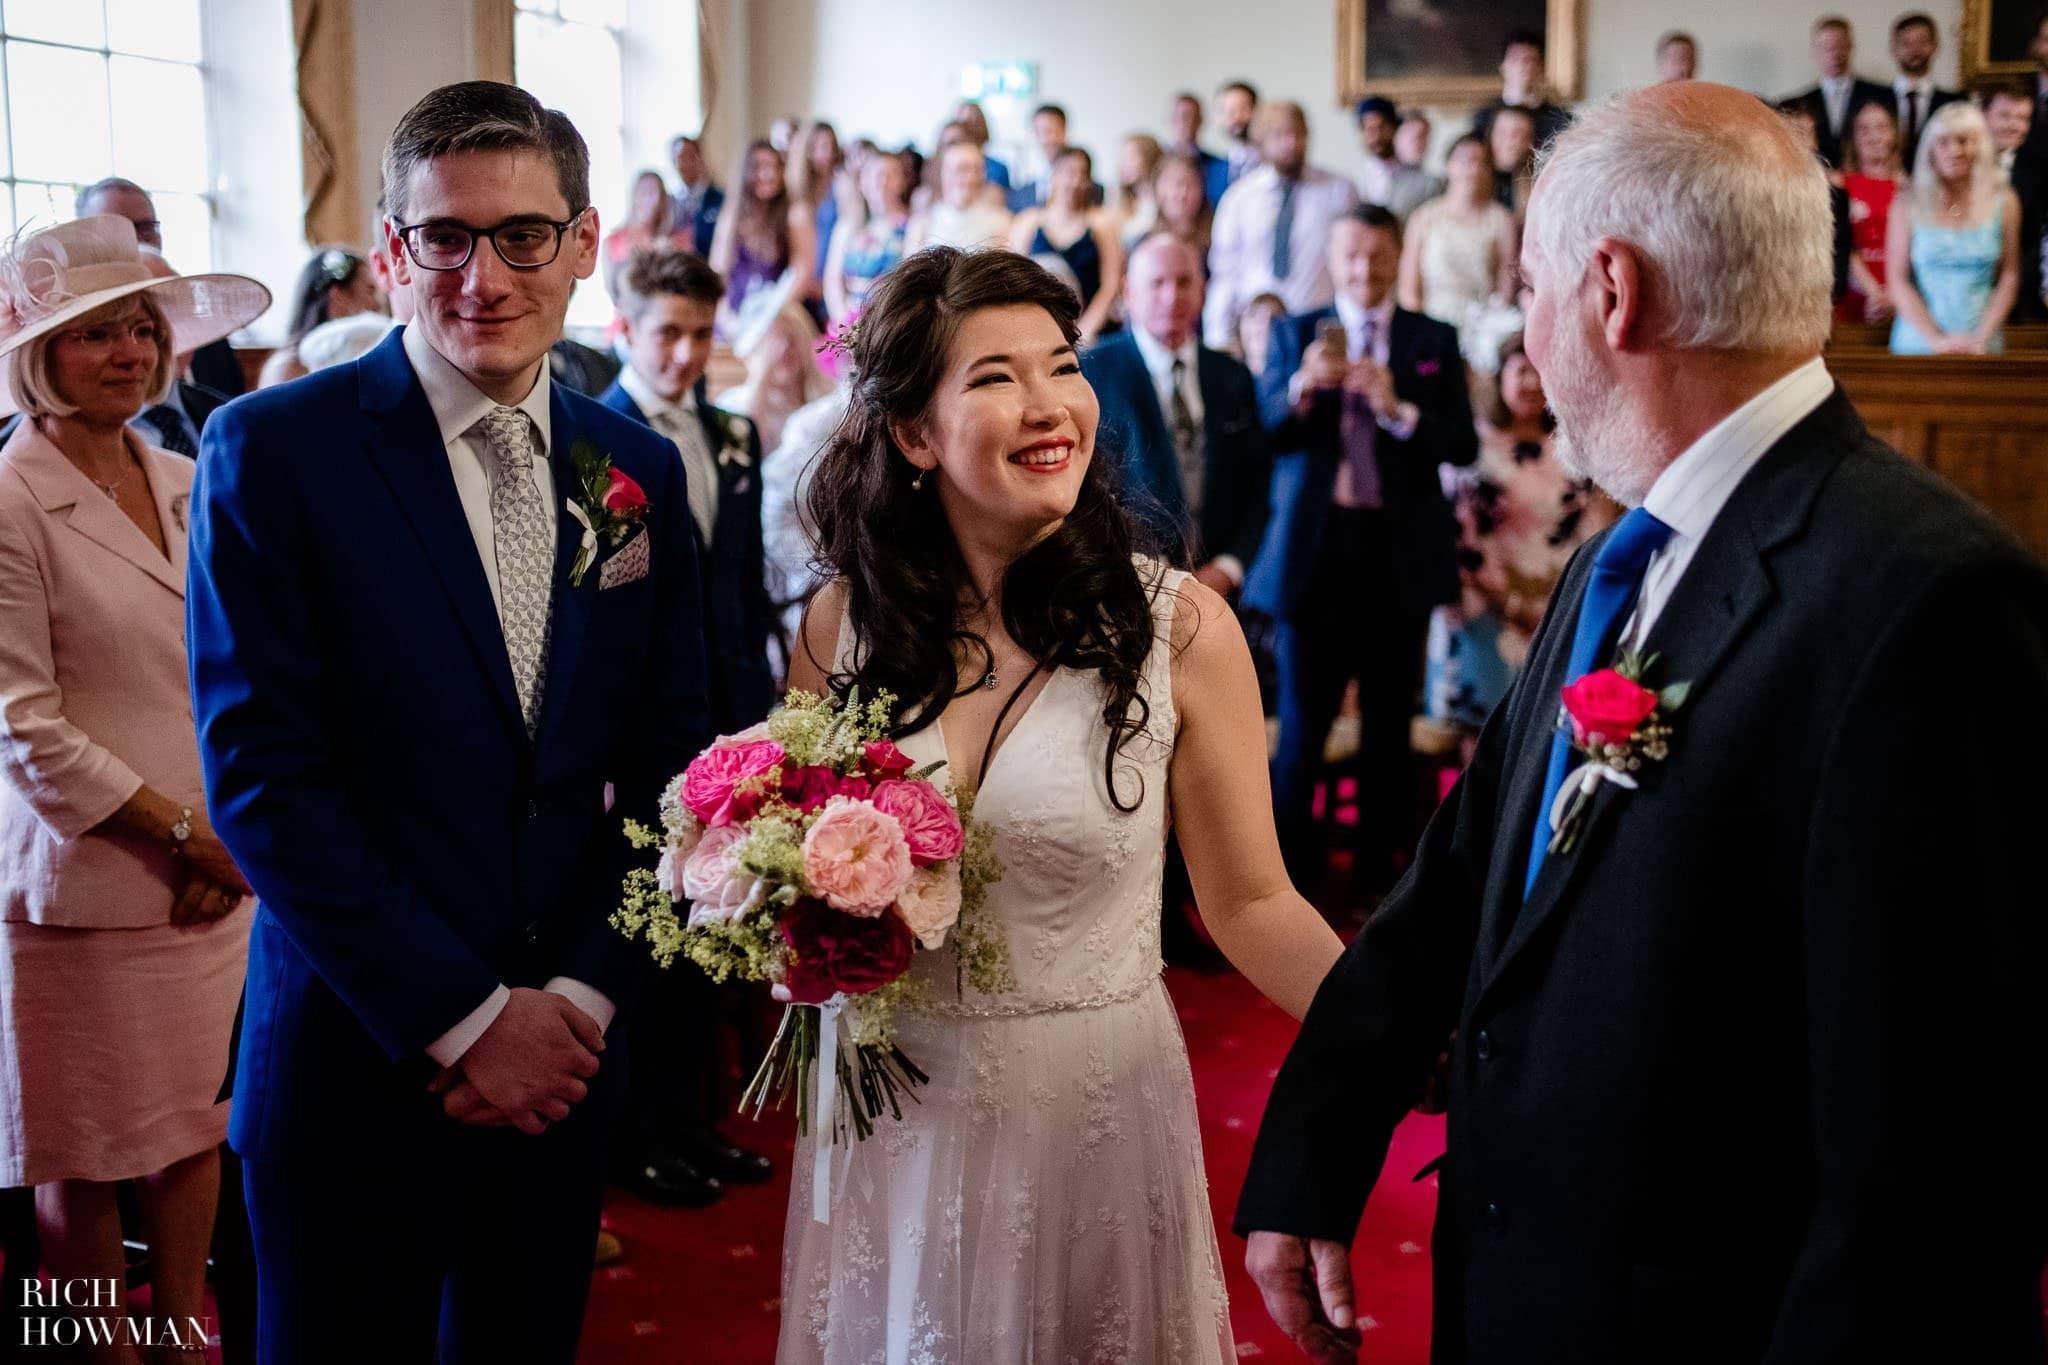 Bath Guildhall Wedding | Gloucestershire Farm Reception 62